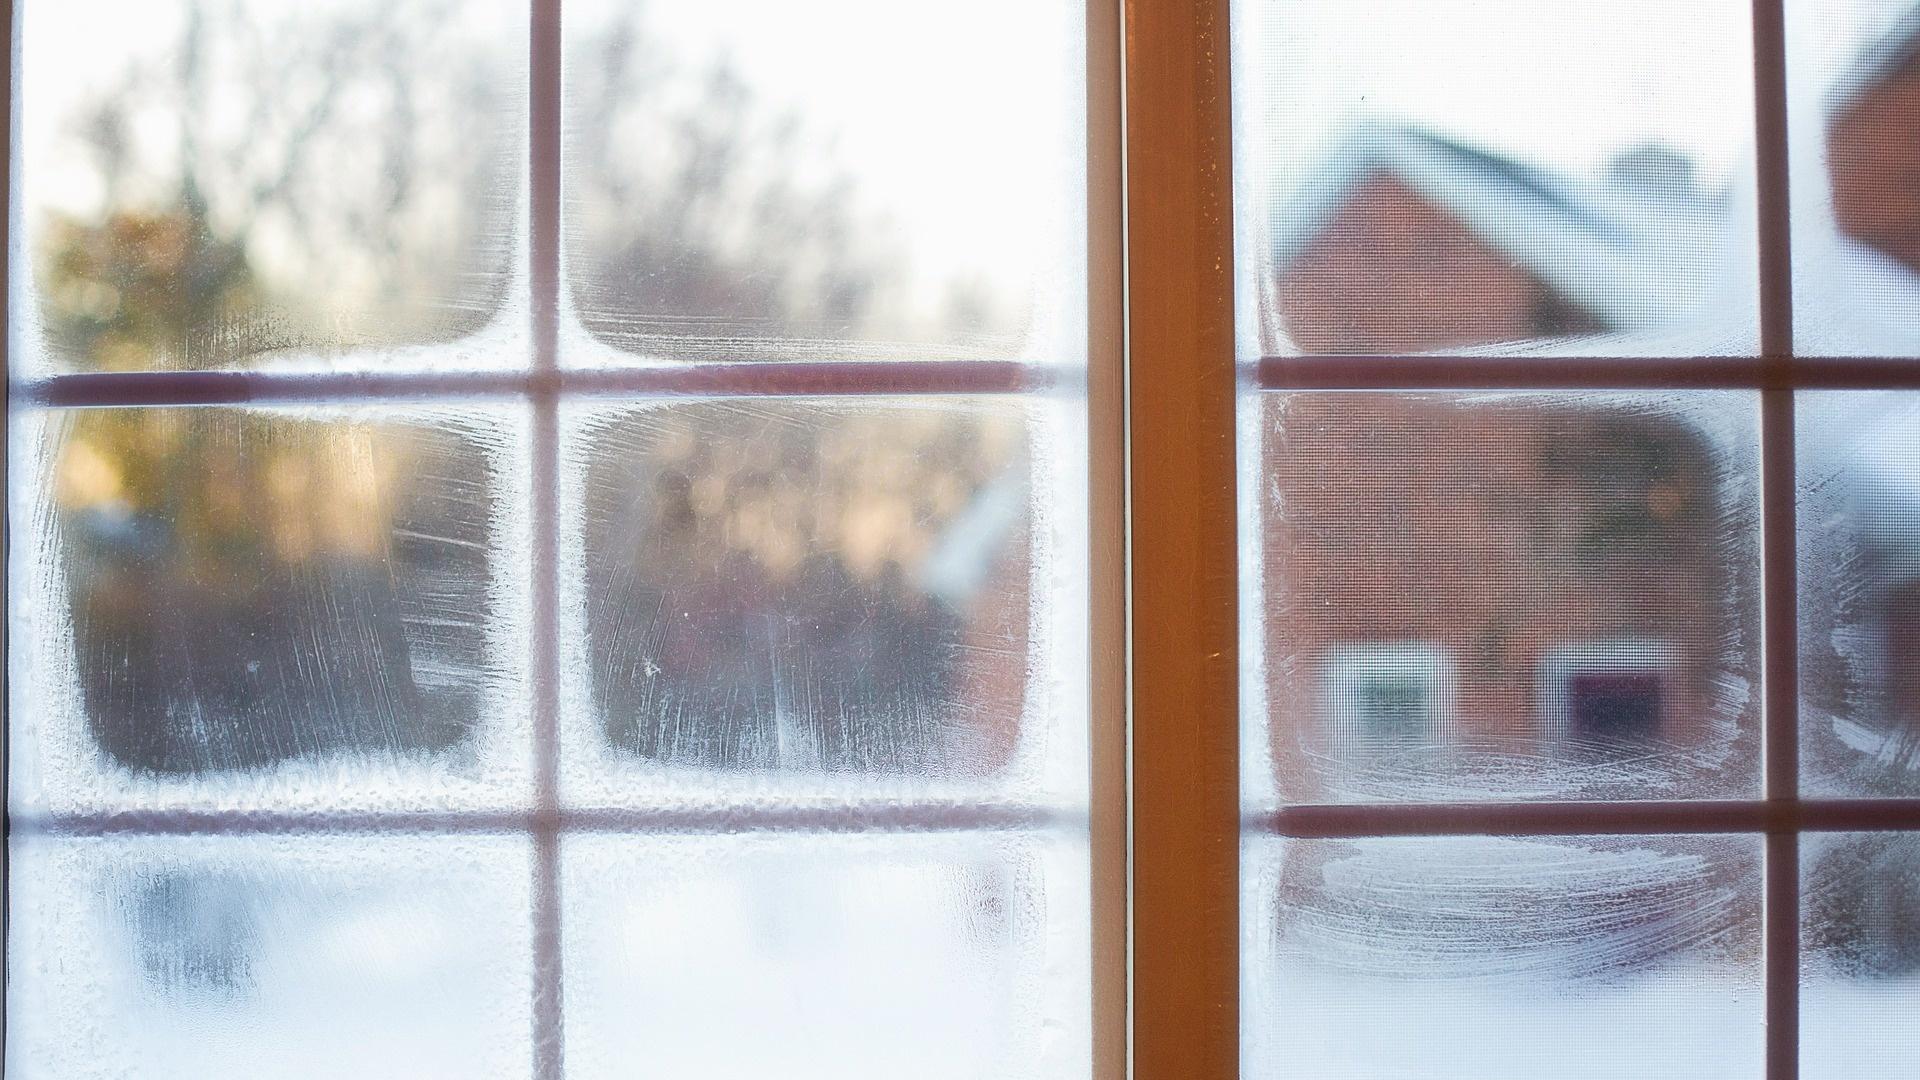 Fenster im Winter putzen - das müssen Sie beachten